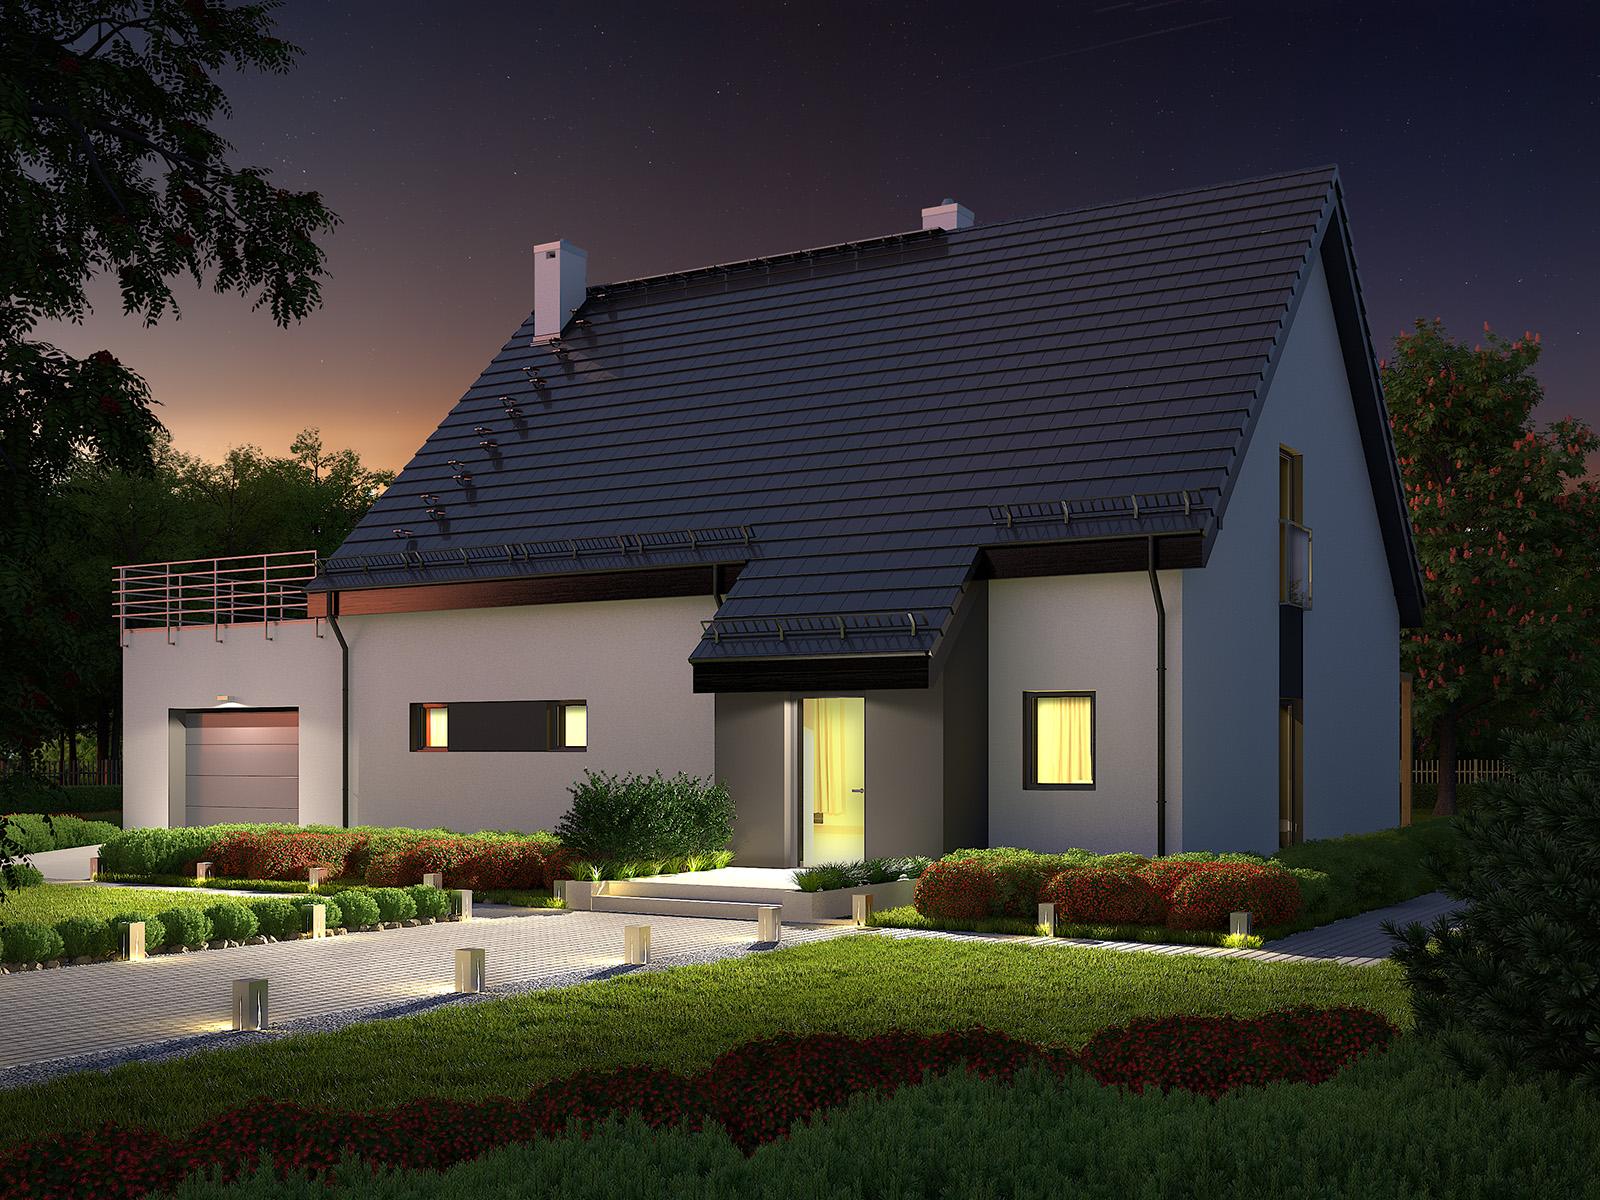 Projekt domu RYTM Domy Czystej Energii widok od frontu